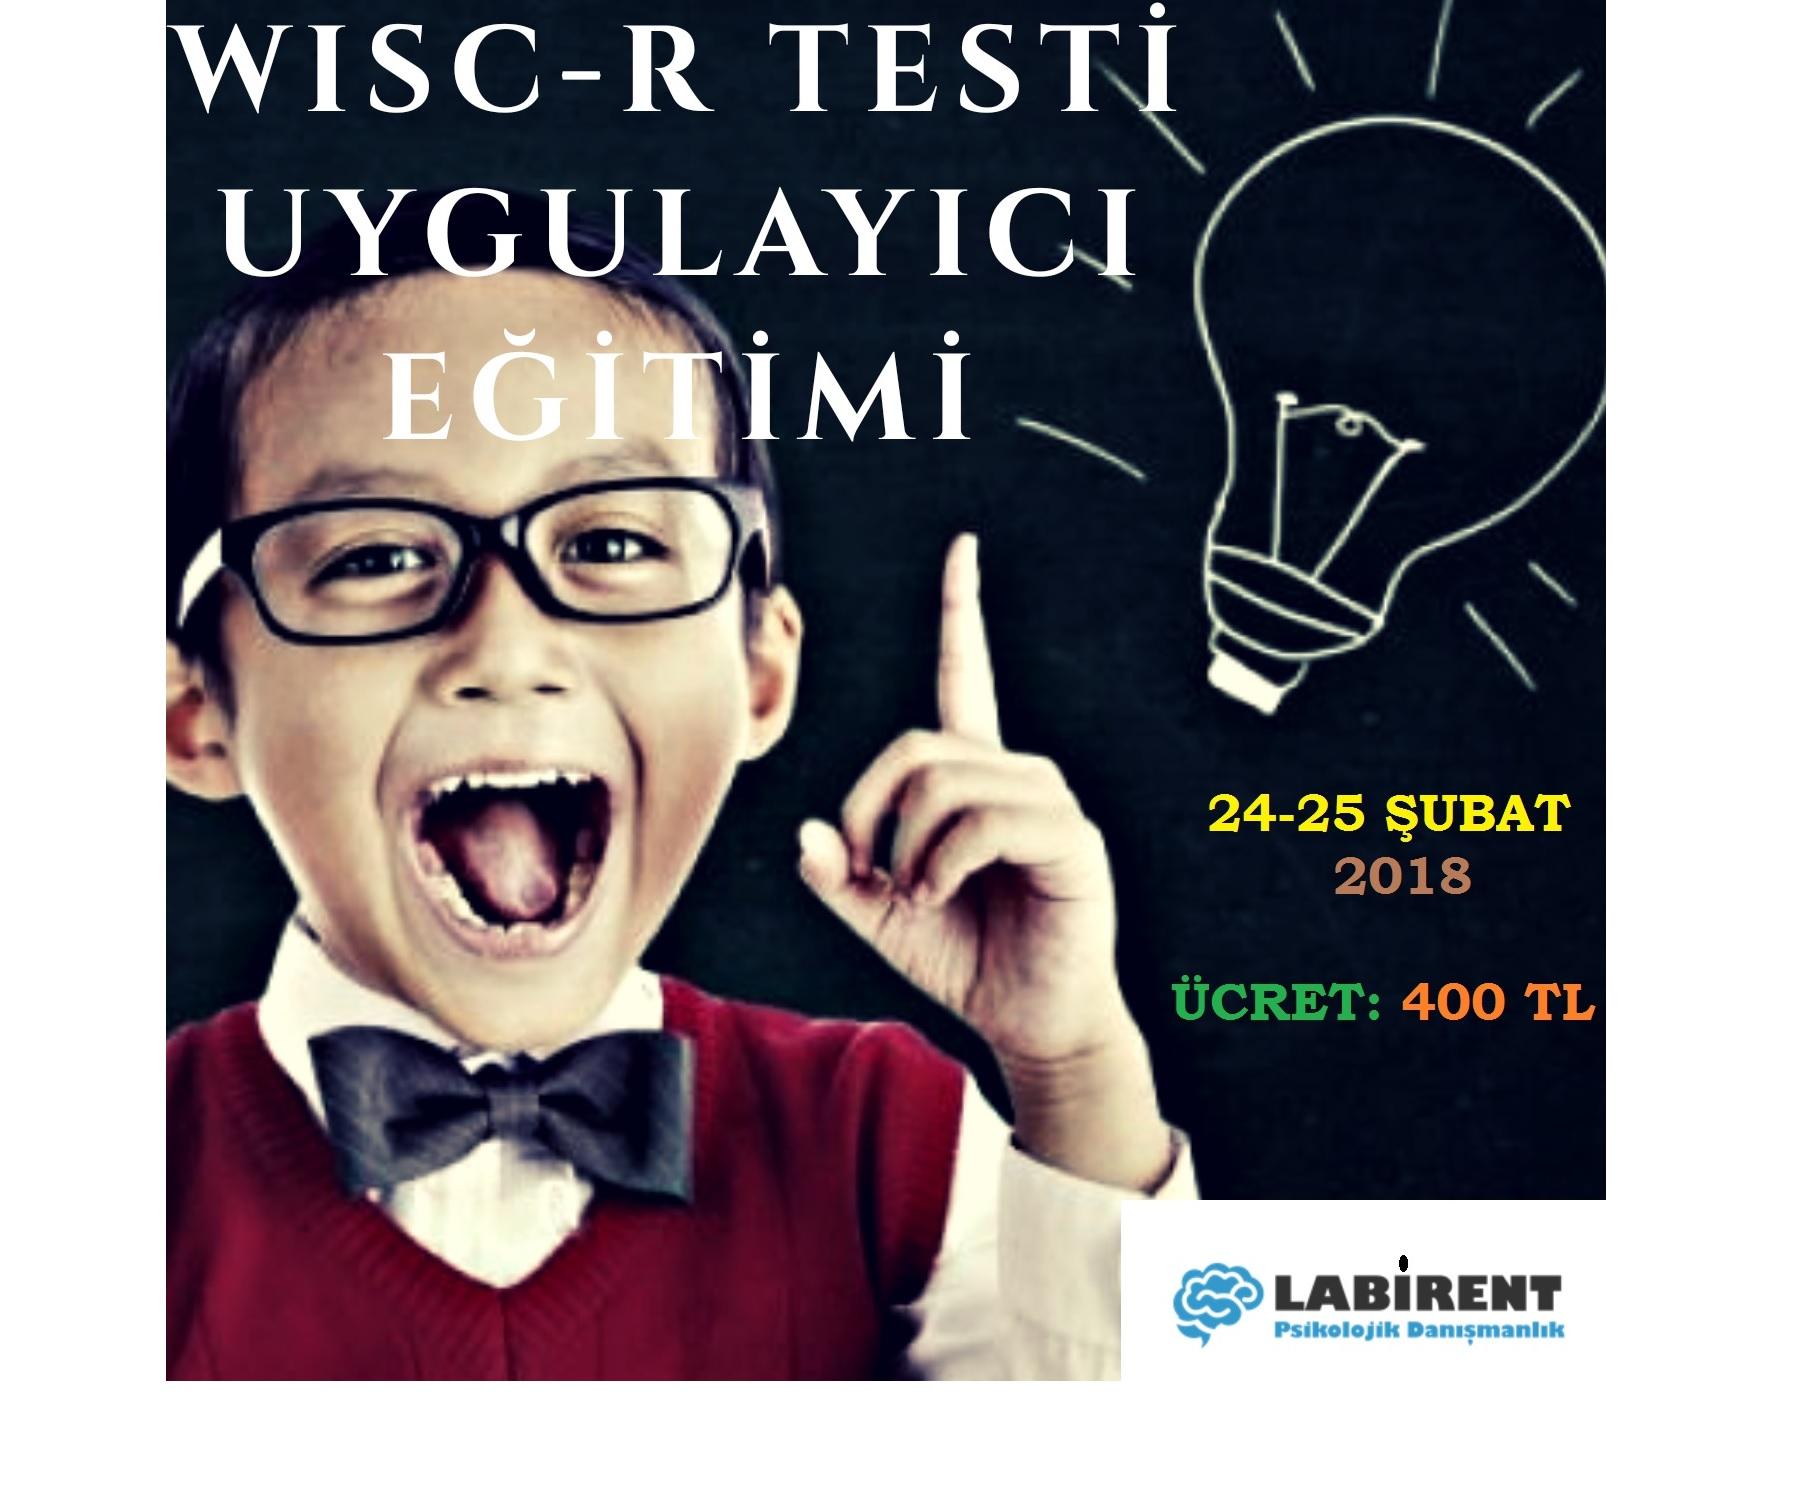 WISC-R WECHSLER TESTİ UYGULAYICI EĞİTİMİ 24-25 ŞUBAT'TA LABİRENT PSİKOLOJİDE